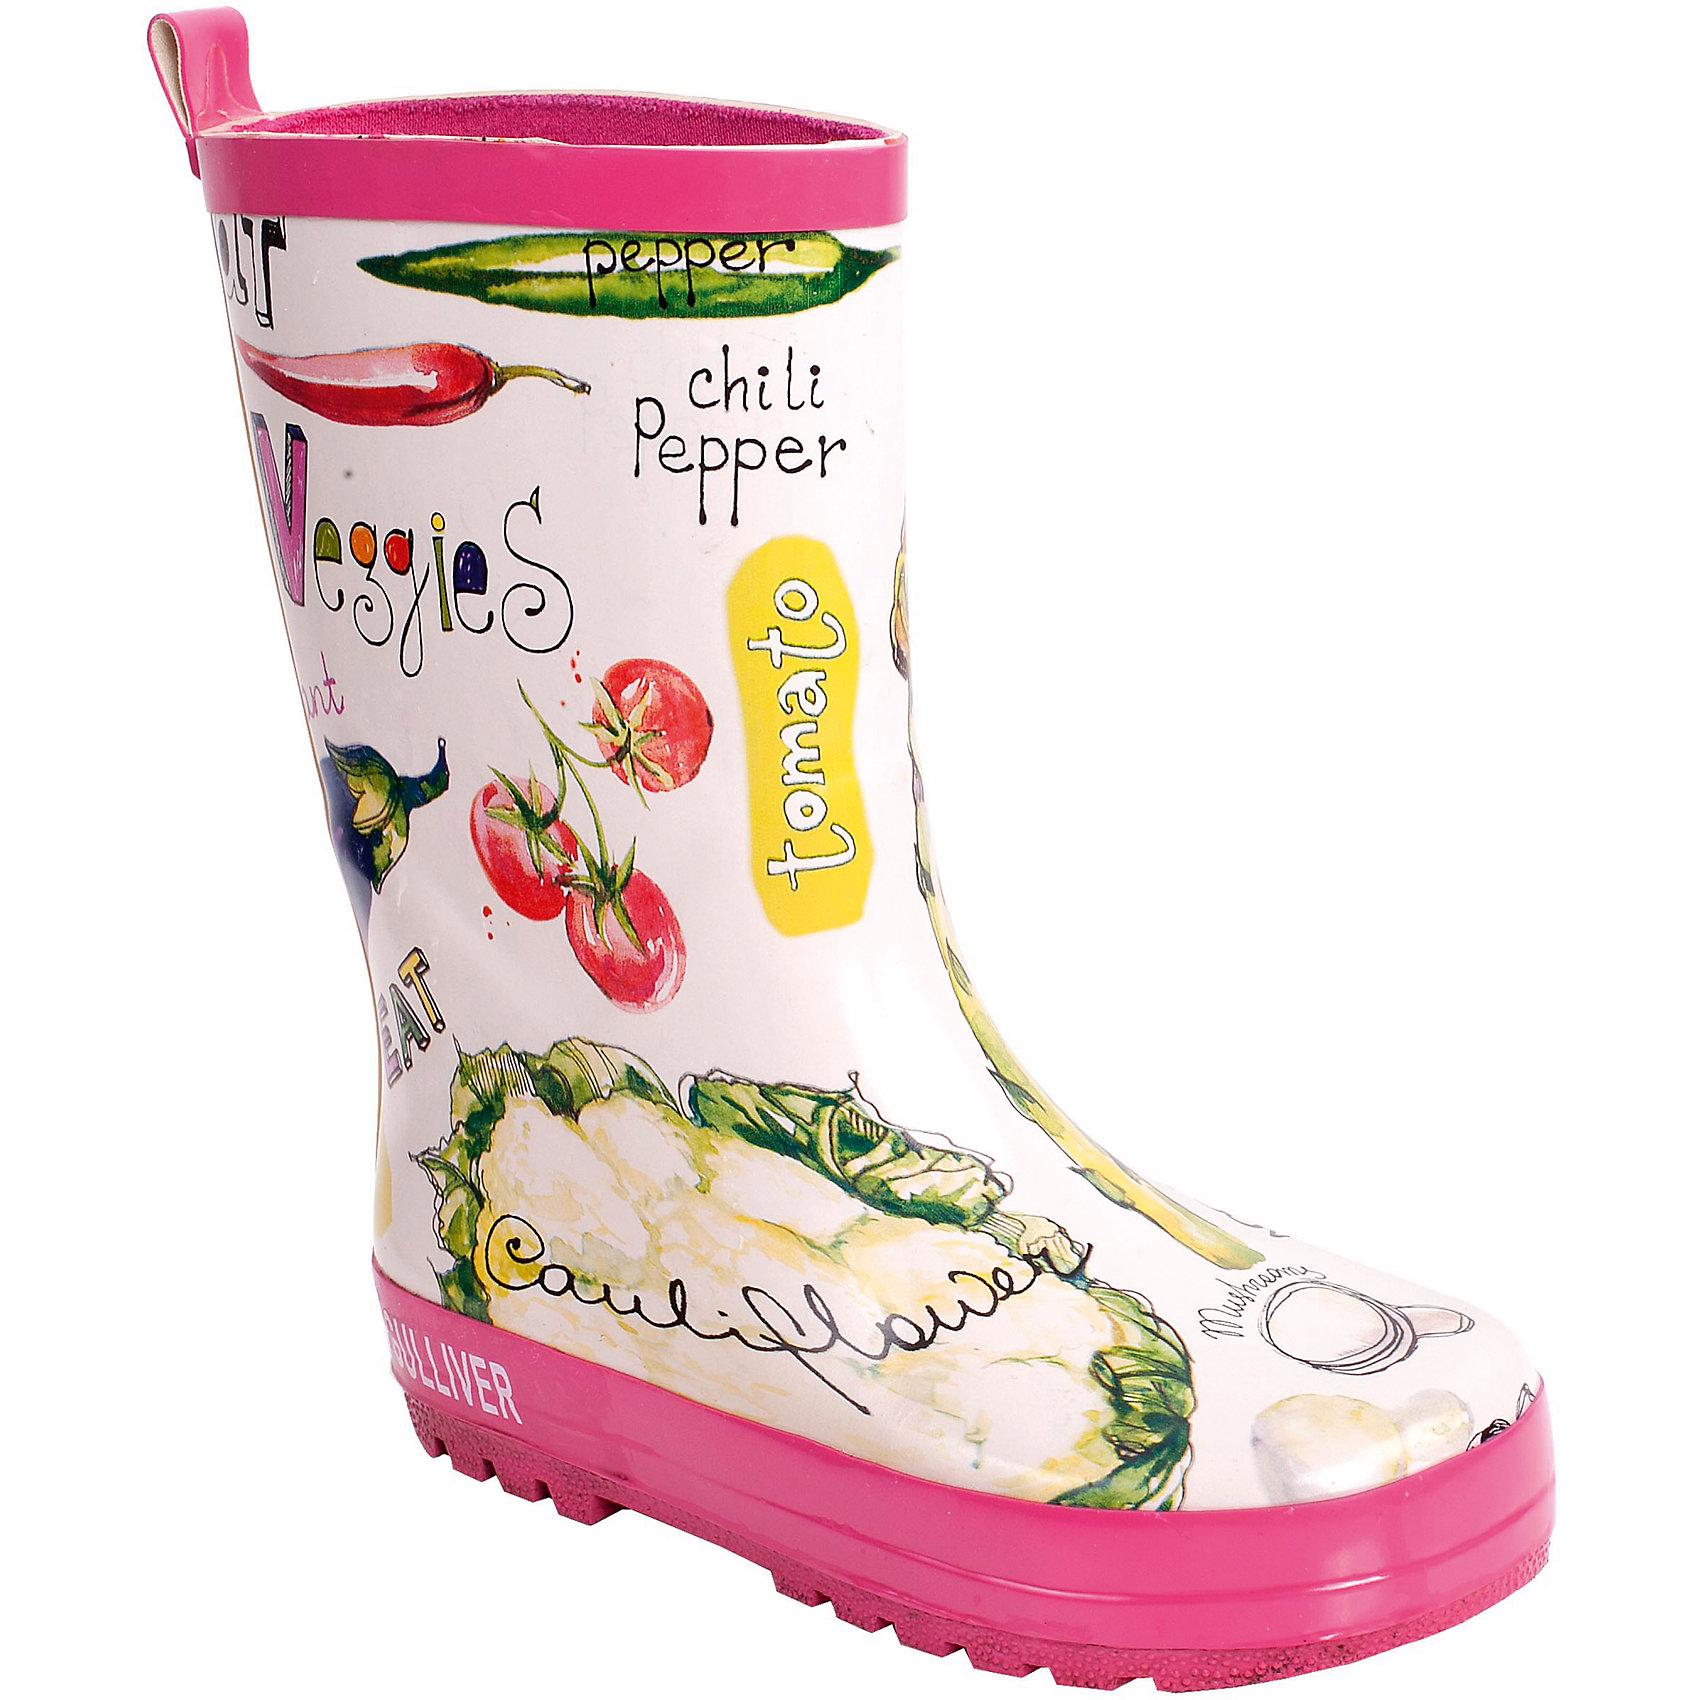 Сапоги резиновые для девочки GulliverНе лишайте ребенка удовольствия от прогулки во время дождя! Ведь только в детстве можно бегать по лужам и радоваться каждой минуте, проведенной на улице! Для этого нужно не очень много! Красивые качественные резиновые сапоги и отличное настроение обеспечено! Резиновые сапоги для девочки, действительно, необходимы! К тому же, резиновые сапоги с ярким красивым рисунком могут стать не только функциональным, но и стильным элементом образа!<br>Состав:<br>верх:                              резина;              подкладка: текстиль;                                   подошва:                              резина<br><br>Ширина мм: 237<br>Глубина мм: 180<br>Высота мм: 152<br>Вес г: 438<br>Цвет: разноцветный<br>Возраст от месяцев: 24<br>Возраст до месяцев: 36<br>Пол: Женский<br>Возраст: Детский<br>Размер: 26,24,27,29,28,25<br>SKU: 4534575